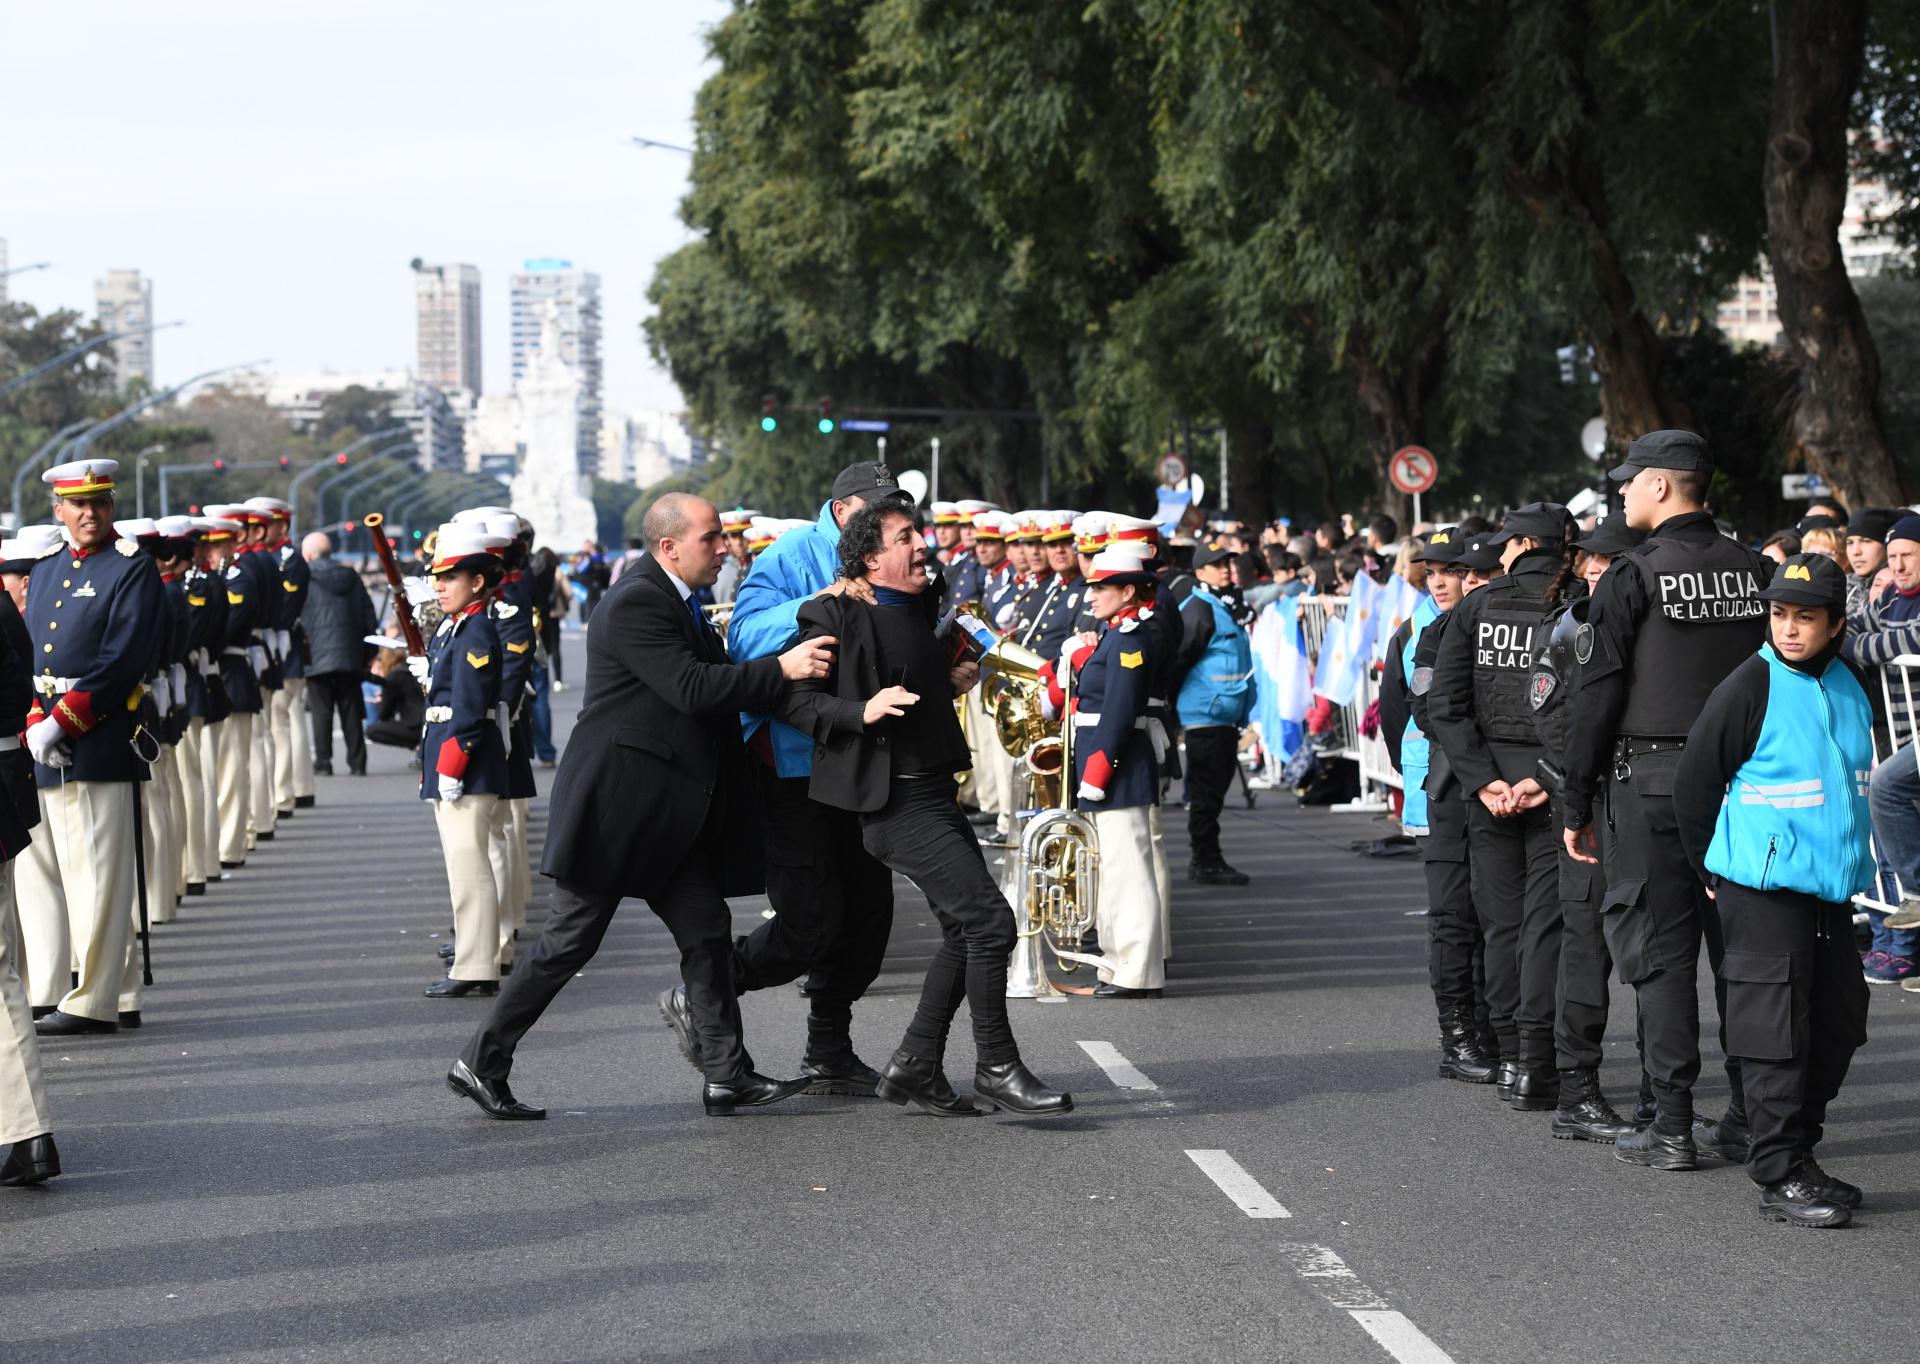 Un hombre se metió en el medio del desfile y fue detenido por la policía porteña